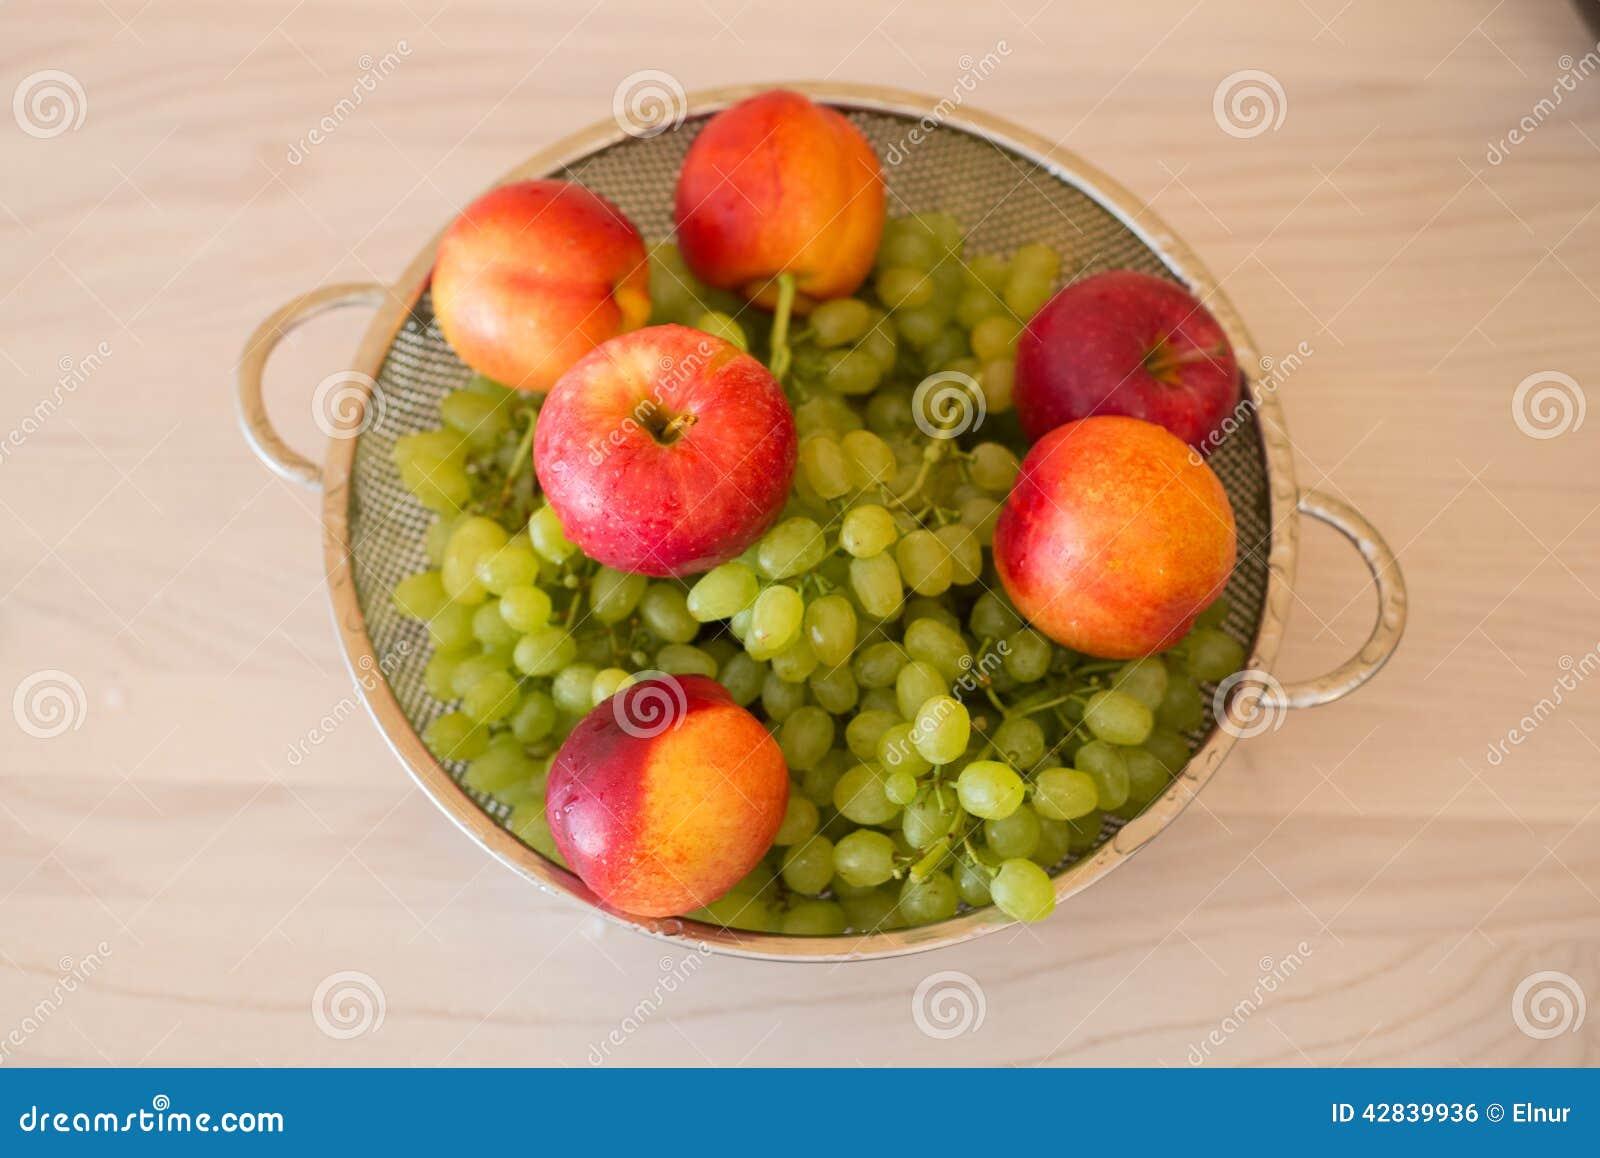 Fruits dans le bown